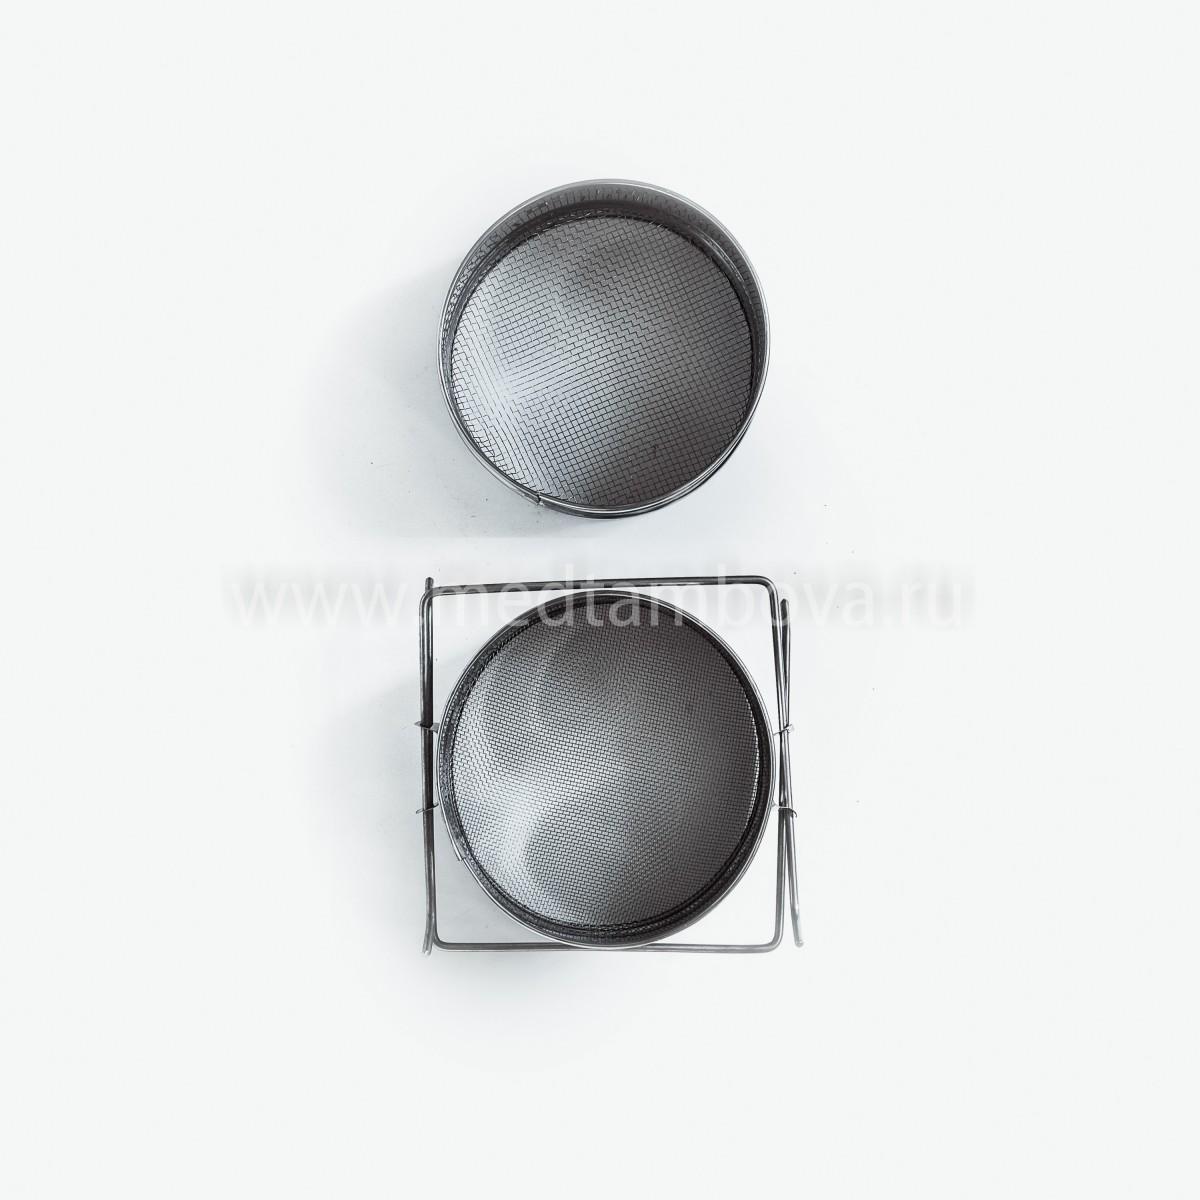 Сито-фильтр 200 мм нержавейка ровная сетка